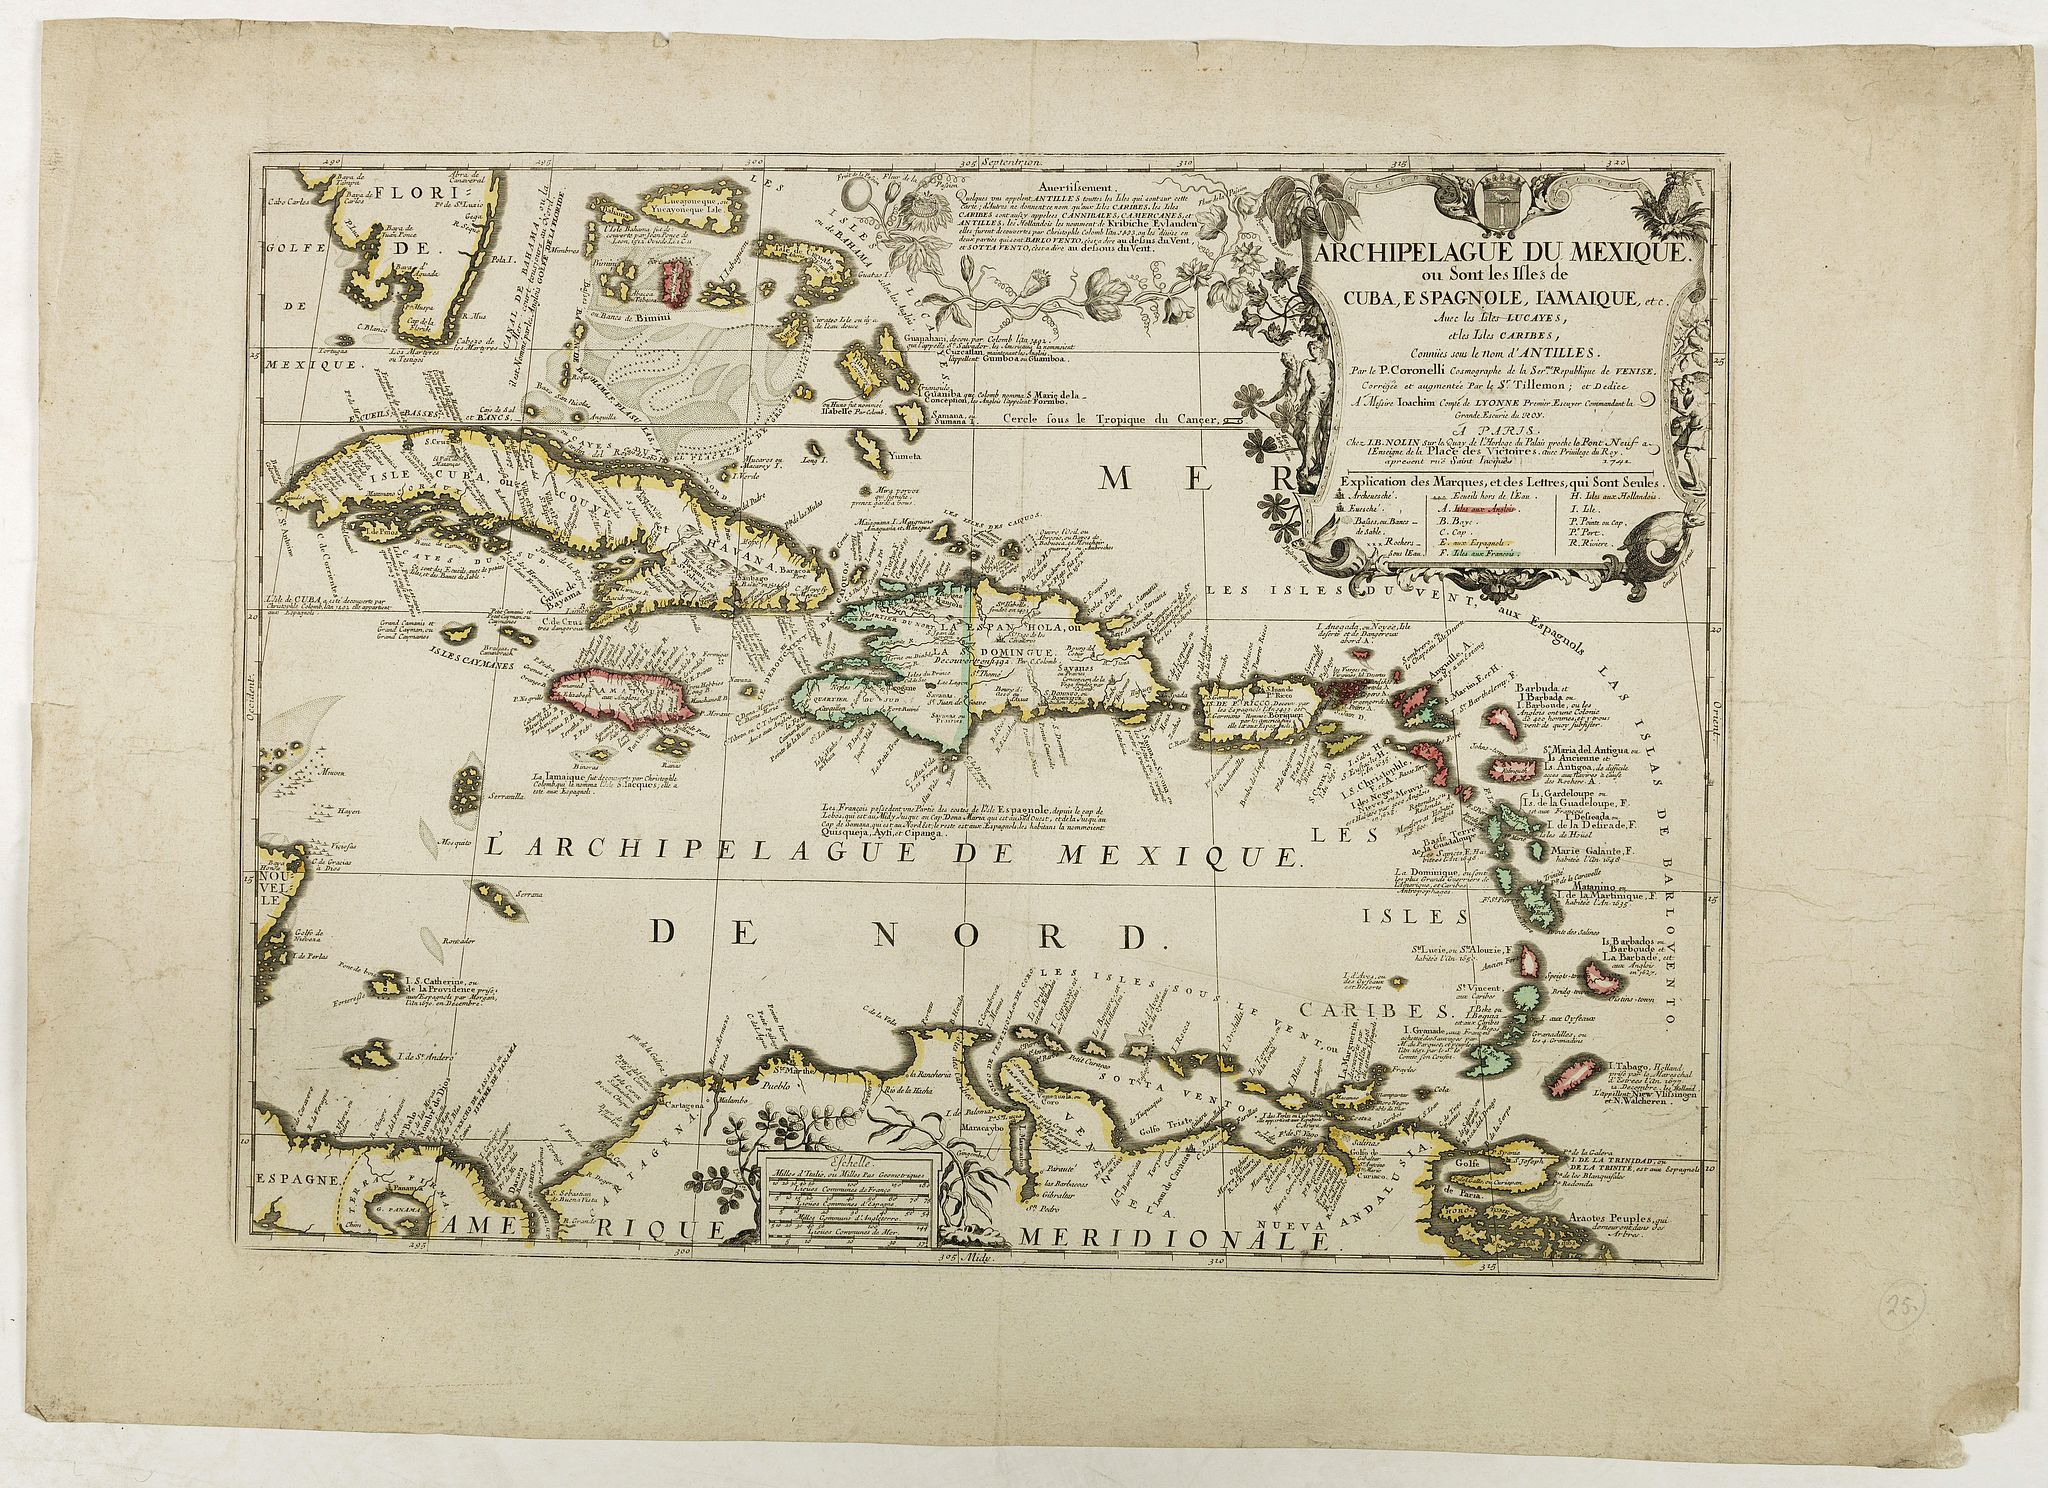 NOLIN, J.B. / CORONELLI, P. -  Archipelague du Mexique ou sont les Isles de Cuba..